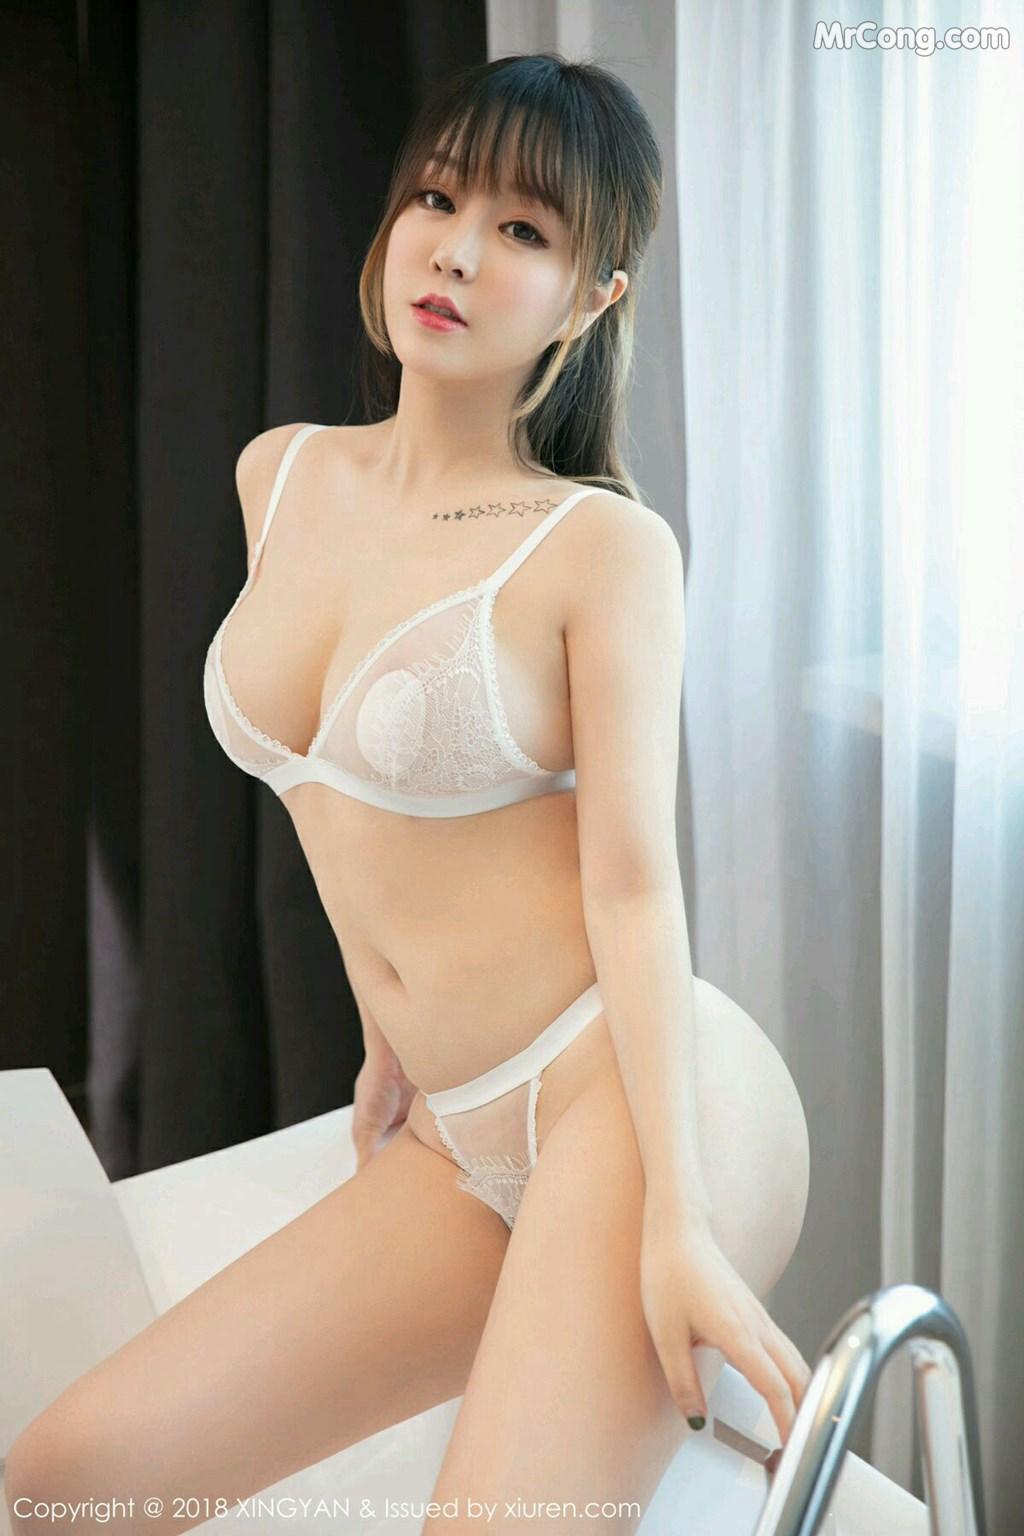 Image XingYan-Vol.076-Wang-Yu-Chun-MrCong.com-007 in post XingYan Vol.076: Người mẫu Wang Yu Chun (王雨纯) (41 ảnh)